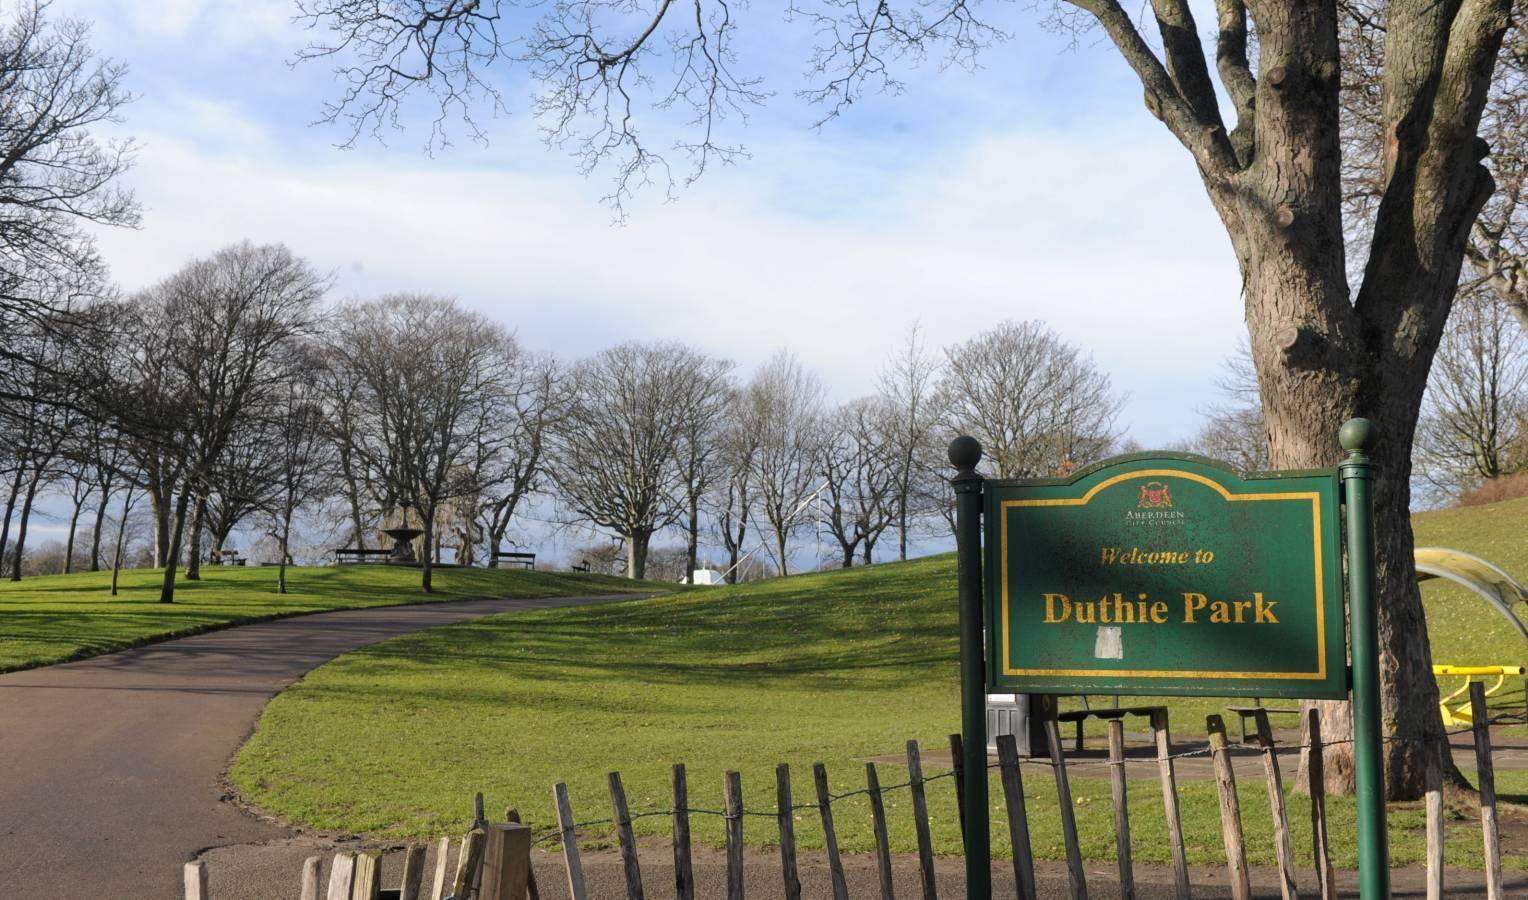 Duthie Park.